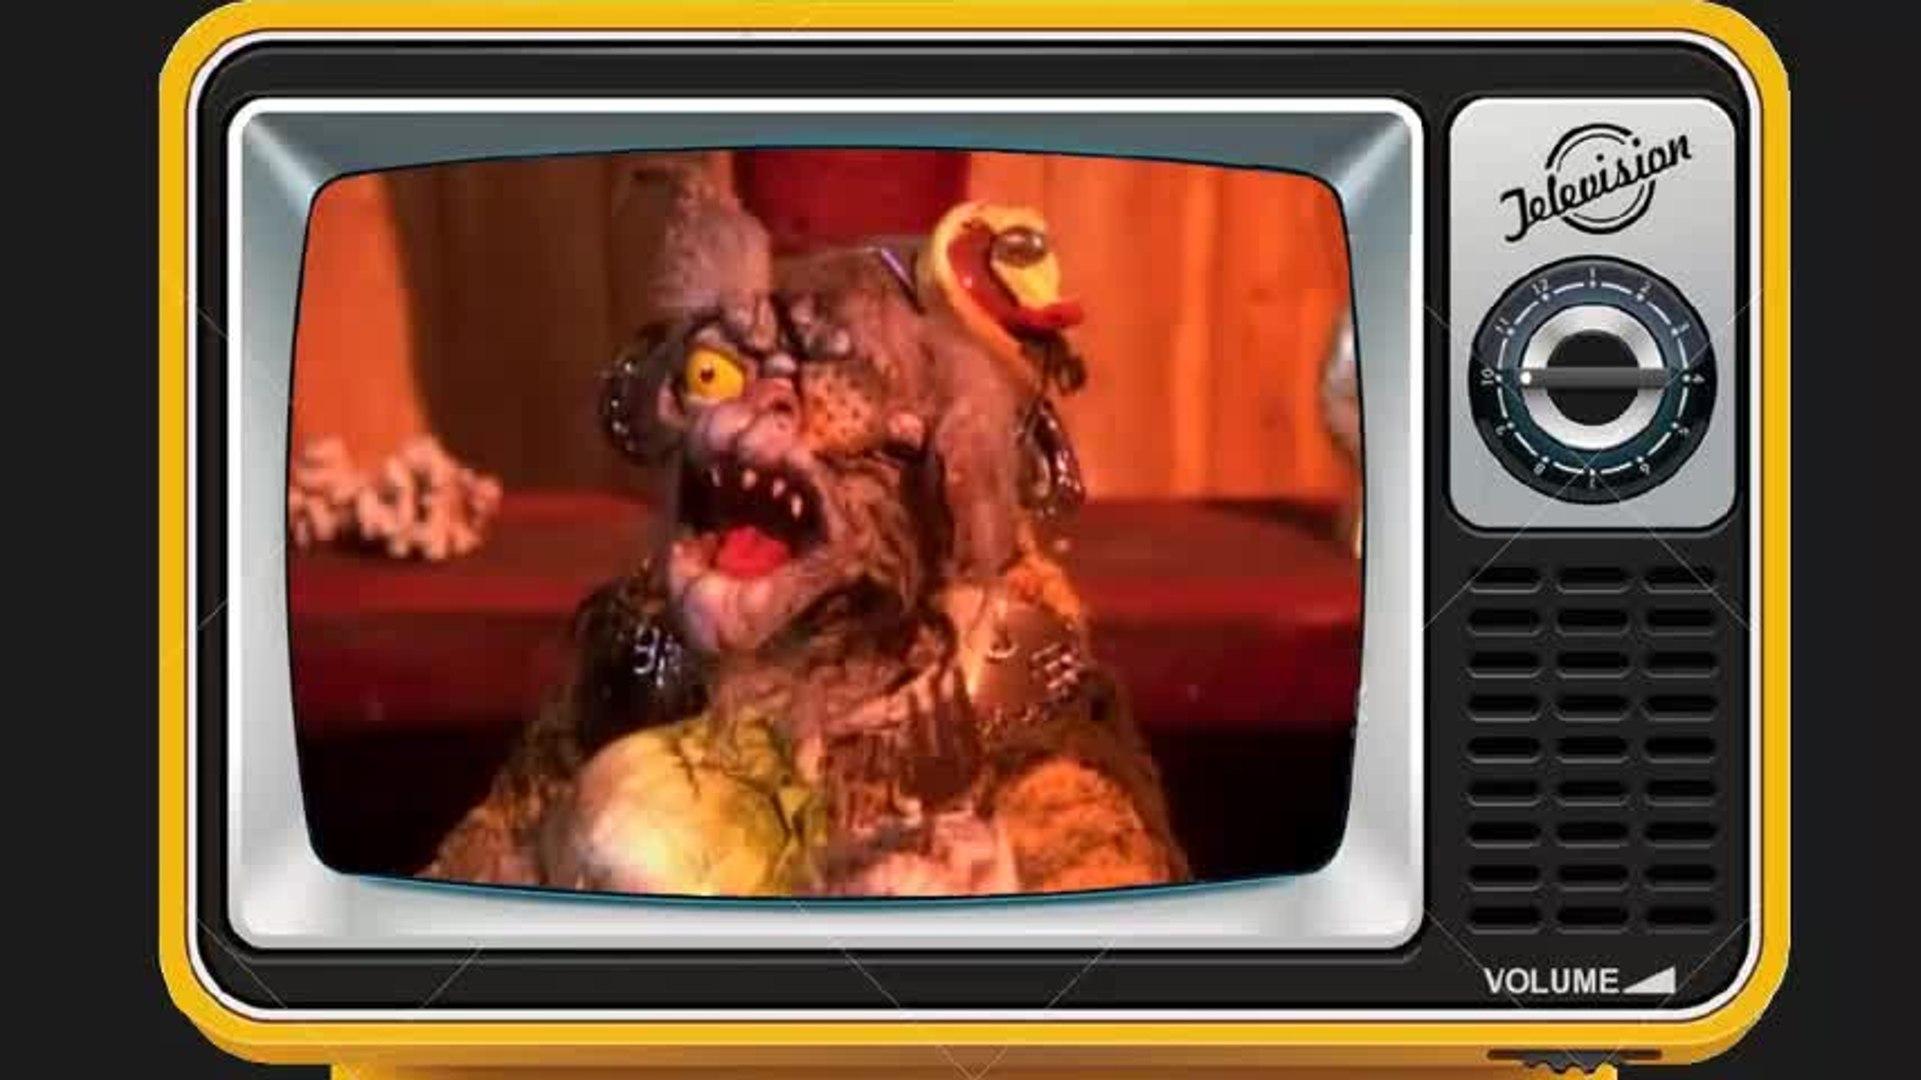 Familia Sinclair Cuando La Comida Es Mala 012 Video Dailymotion La serie se desarrolla en la prehistoria, donde los dinosaurios viven en sociedad algo parecida a la humana, tienen familias y tecnología. familia sinclair cuando la comida es mala 012